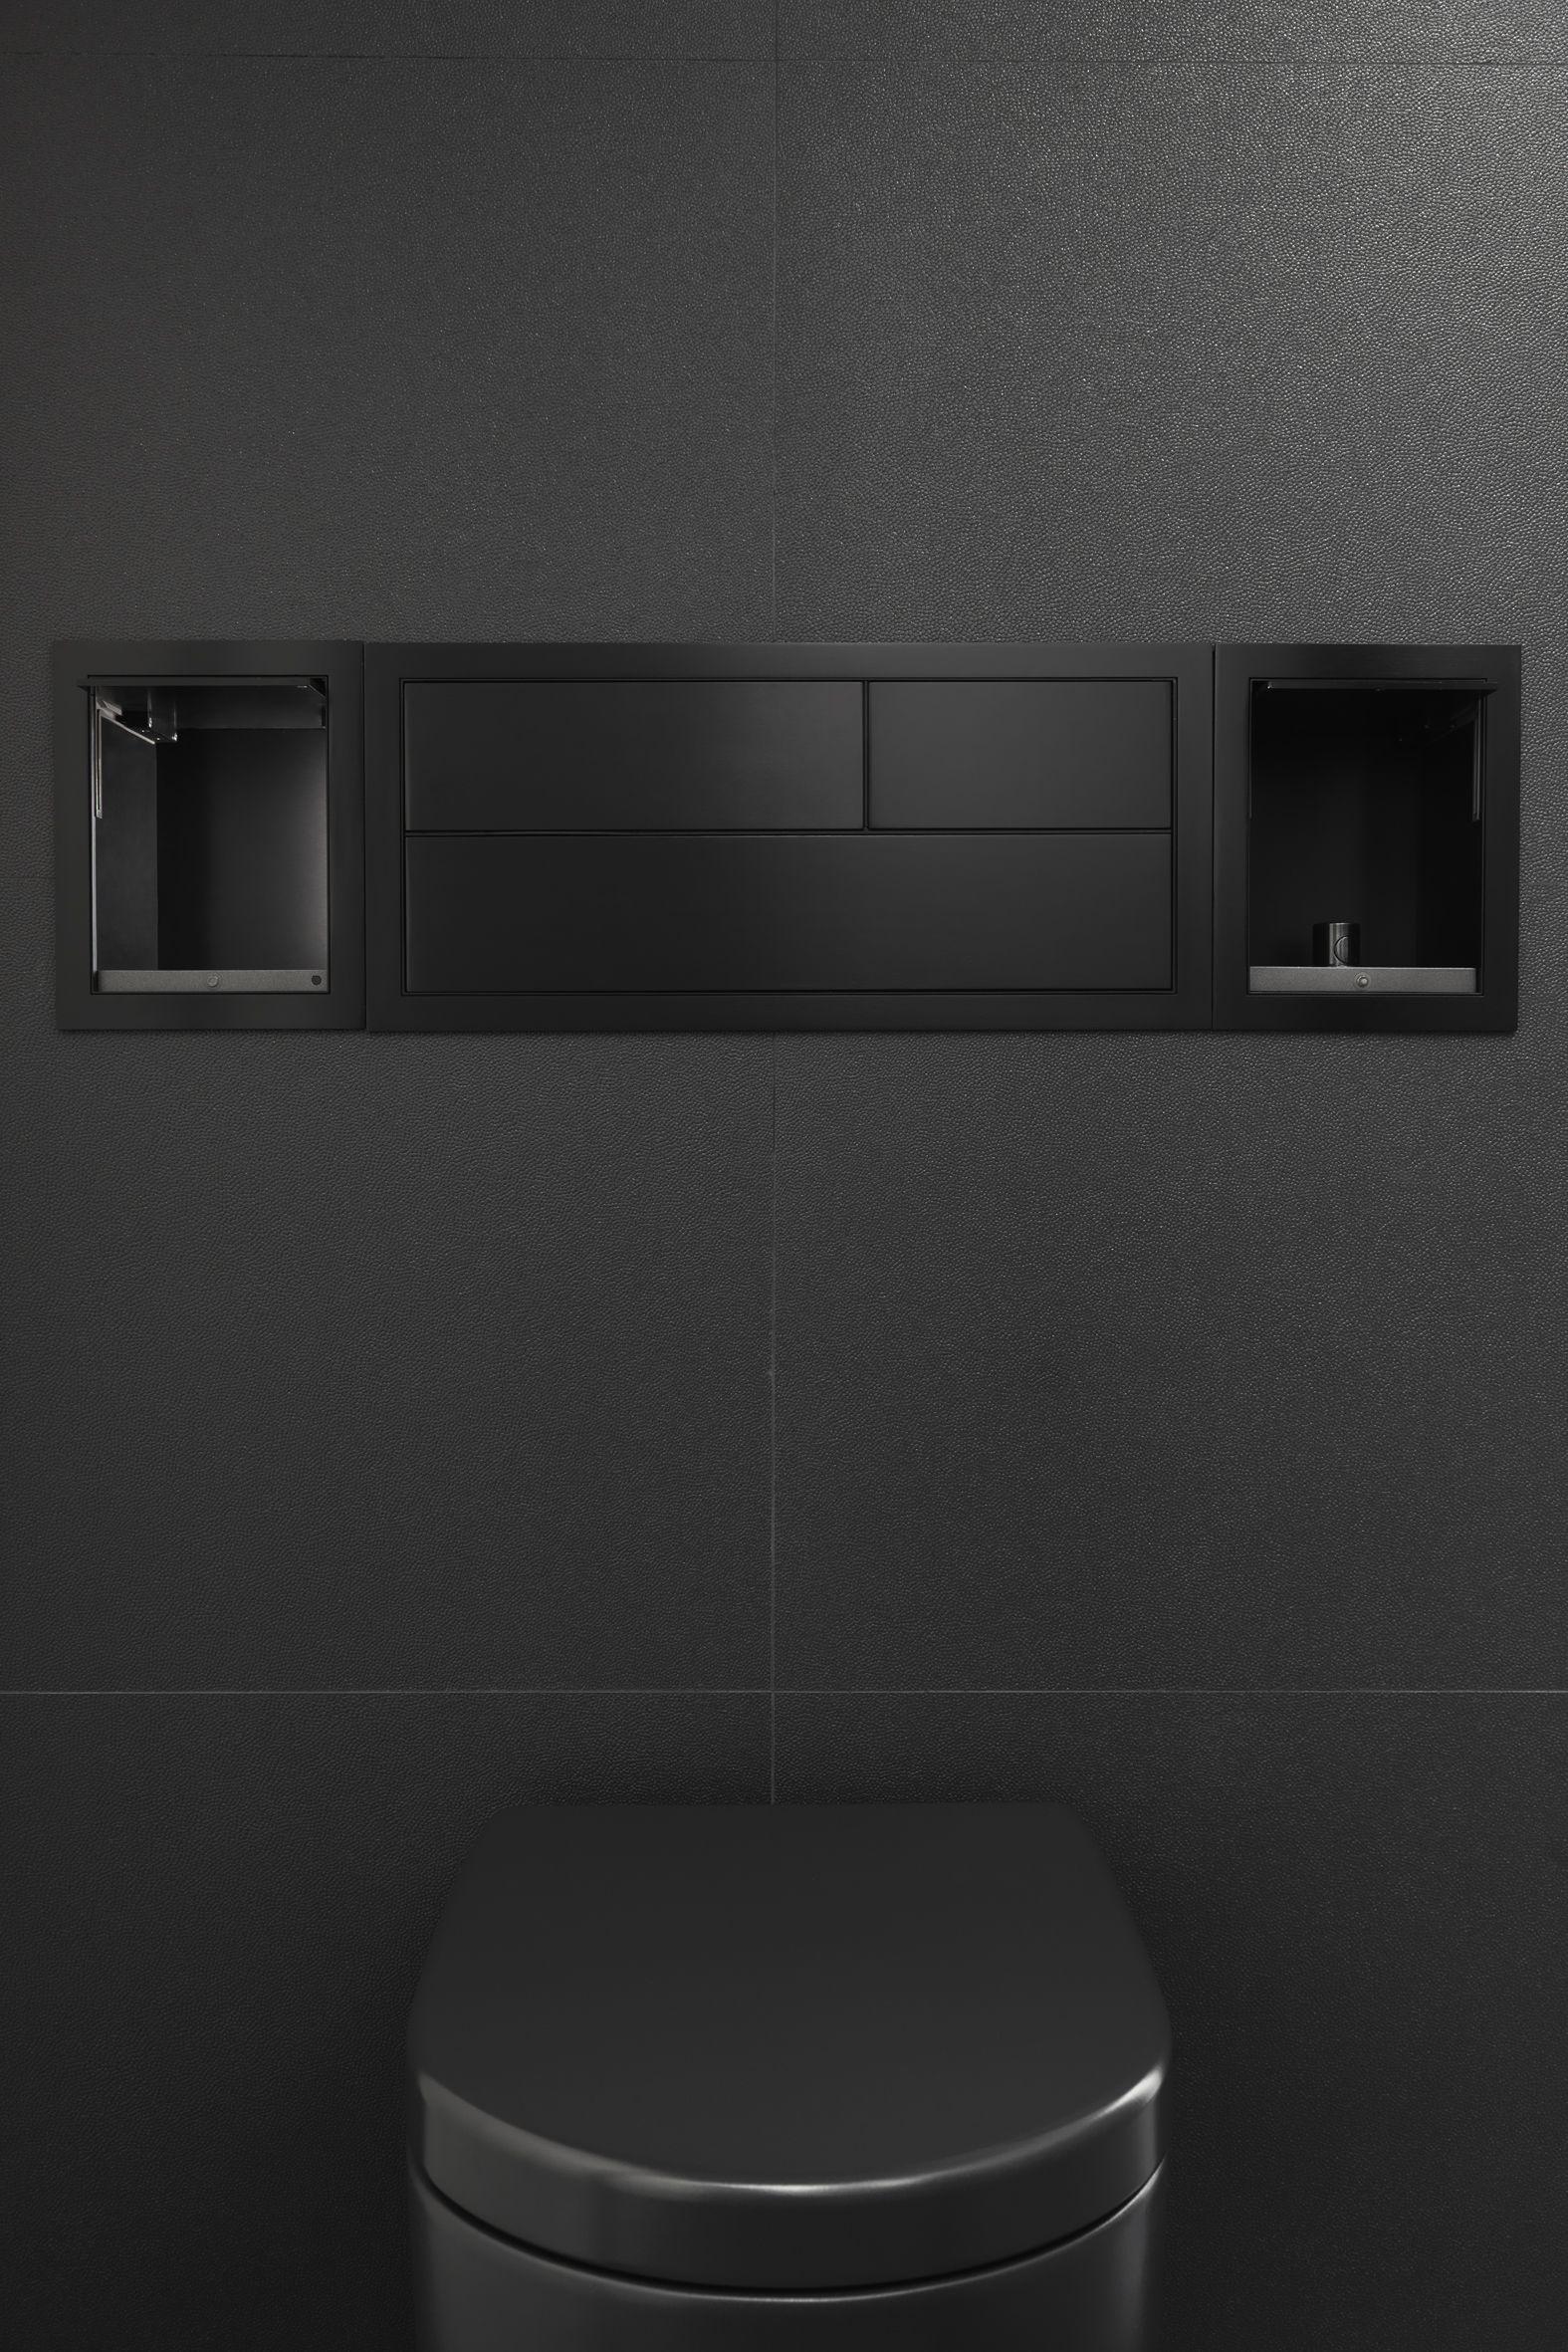 WALL-HUNG TOILET BY ARMANI / ROCA | Armani | Wall hung toilet